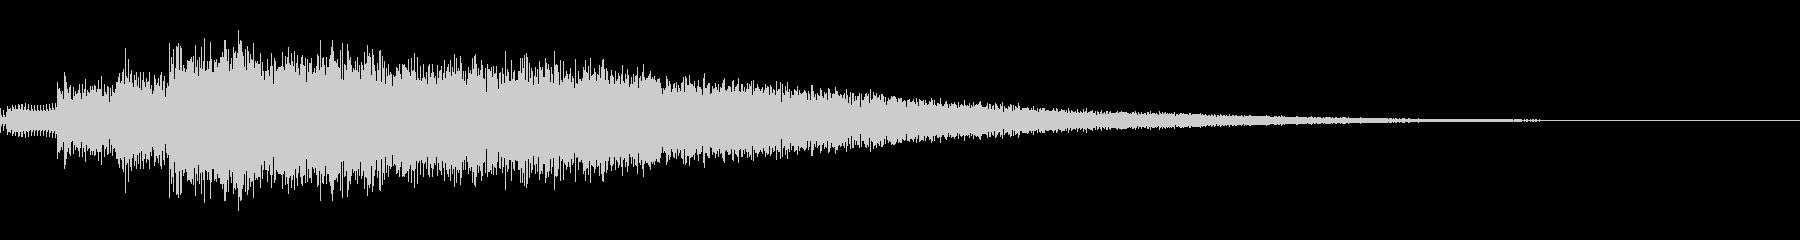 サウンドロゴ、ジングル(エレキギター)の未再生の波形